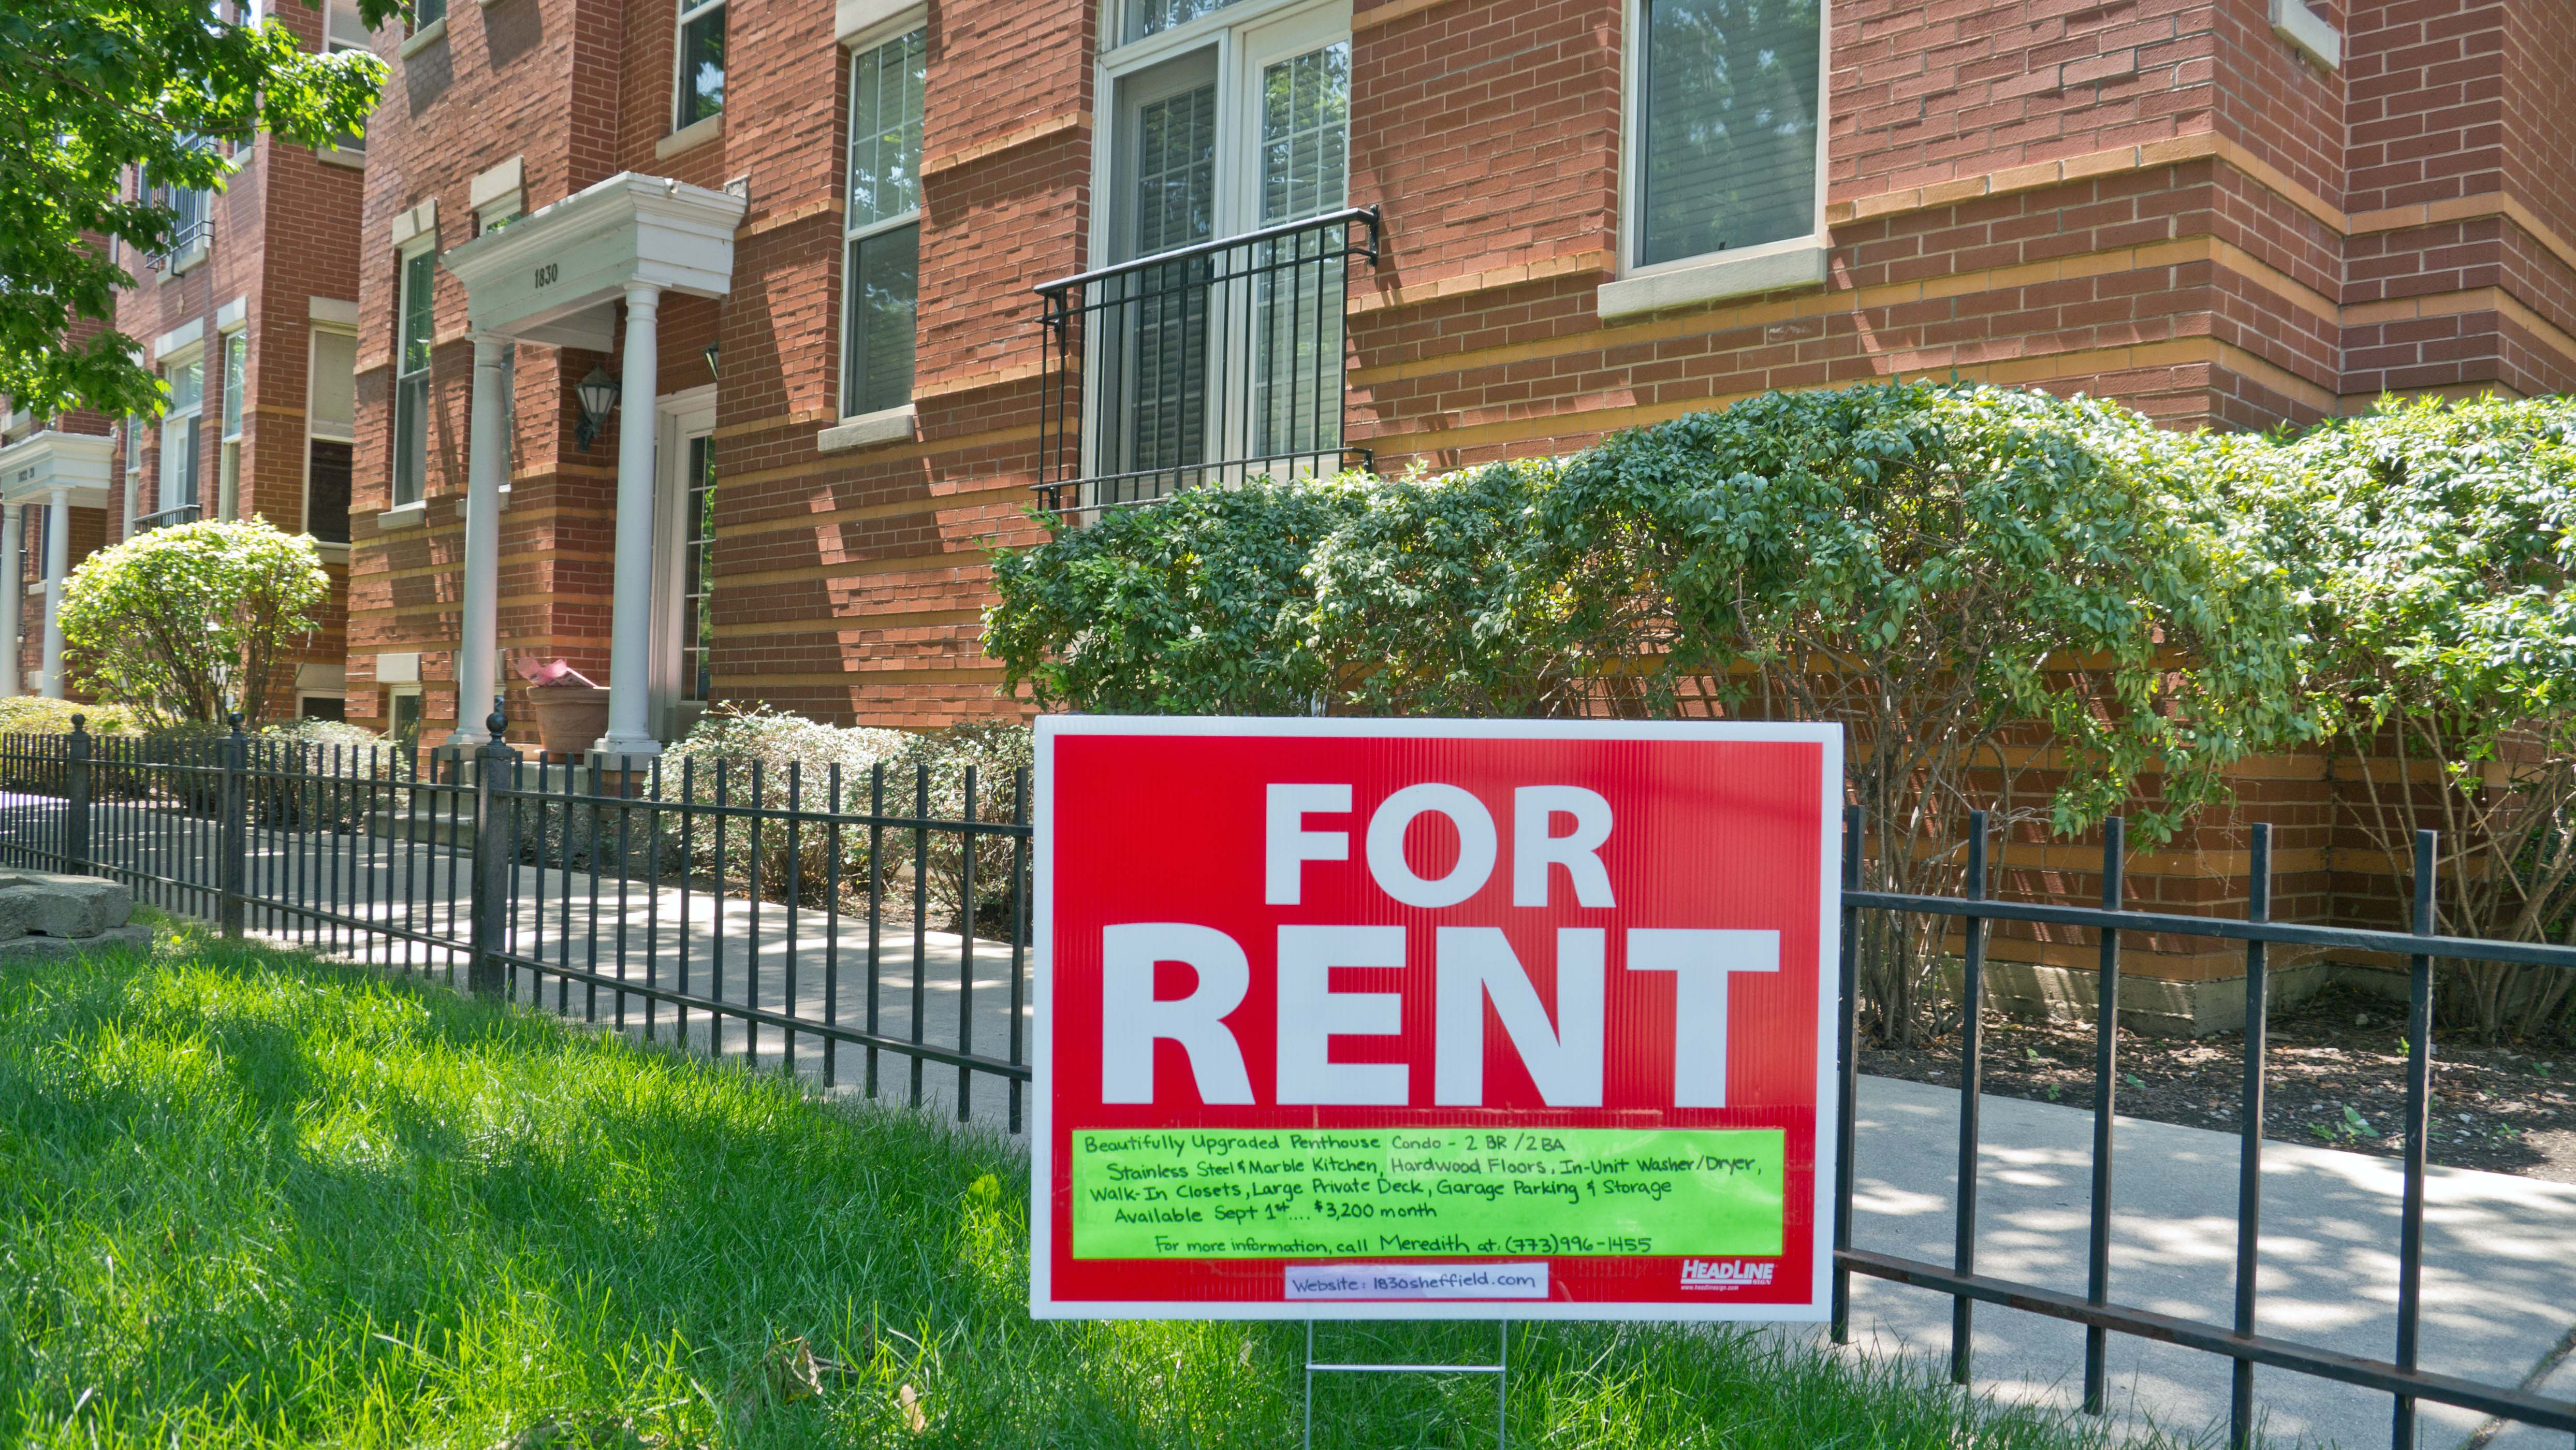 Gdzie osoby samotne mogą znaleźć mieszkanie po przystępnej cenie?